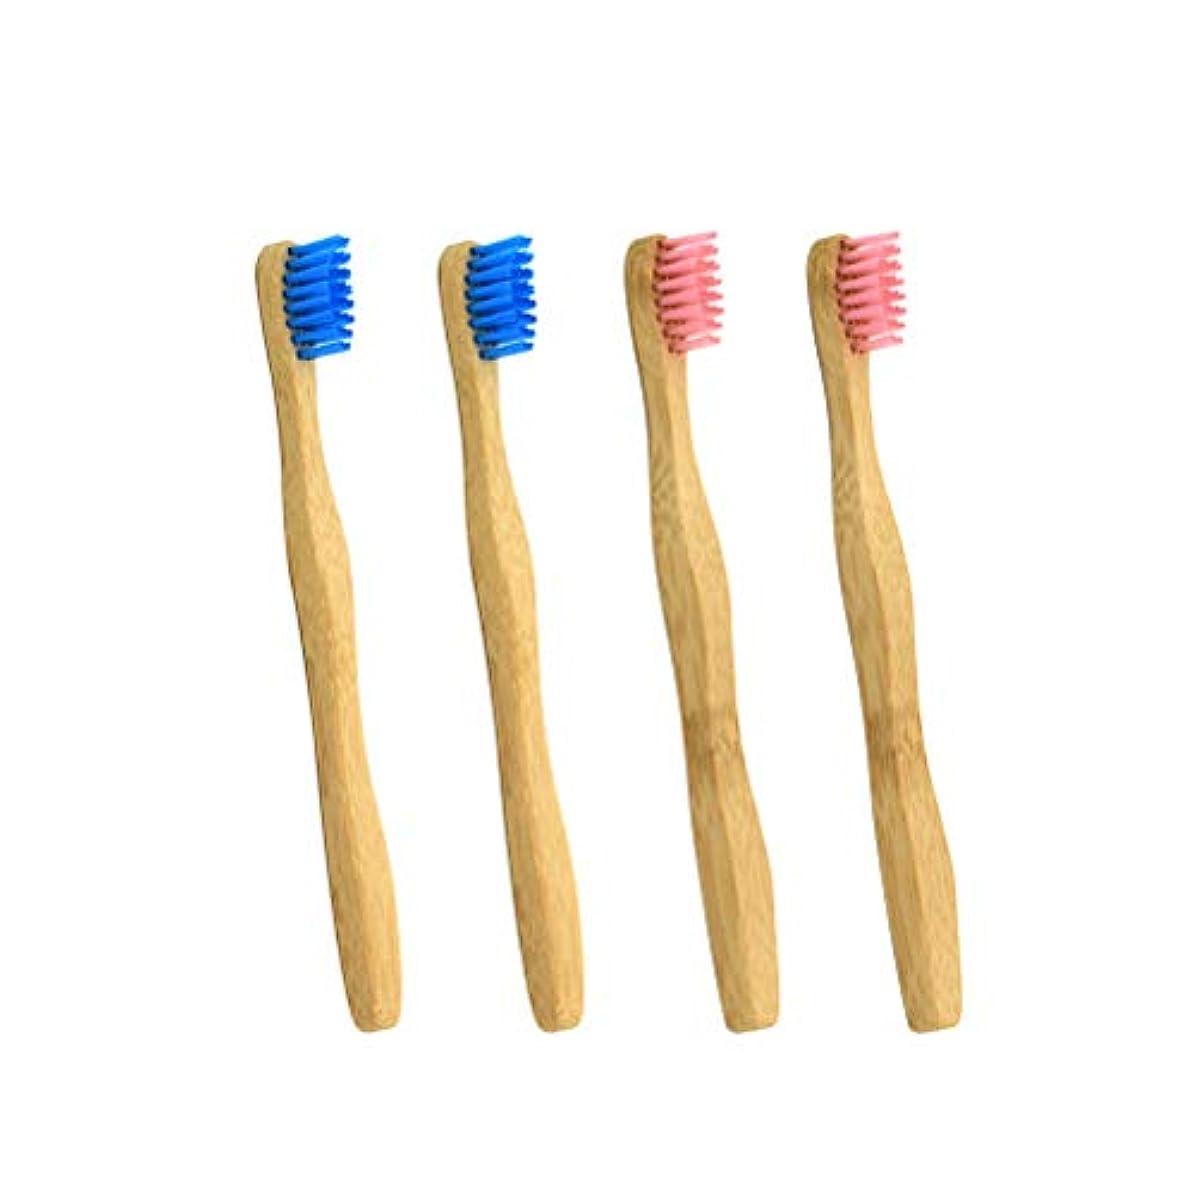 忠実な疑わしい緩めるHealifty 歯ブラシ抗細菌キッズ歯ブラシ4本(ピンクとブルー各2本)